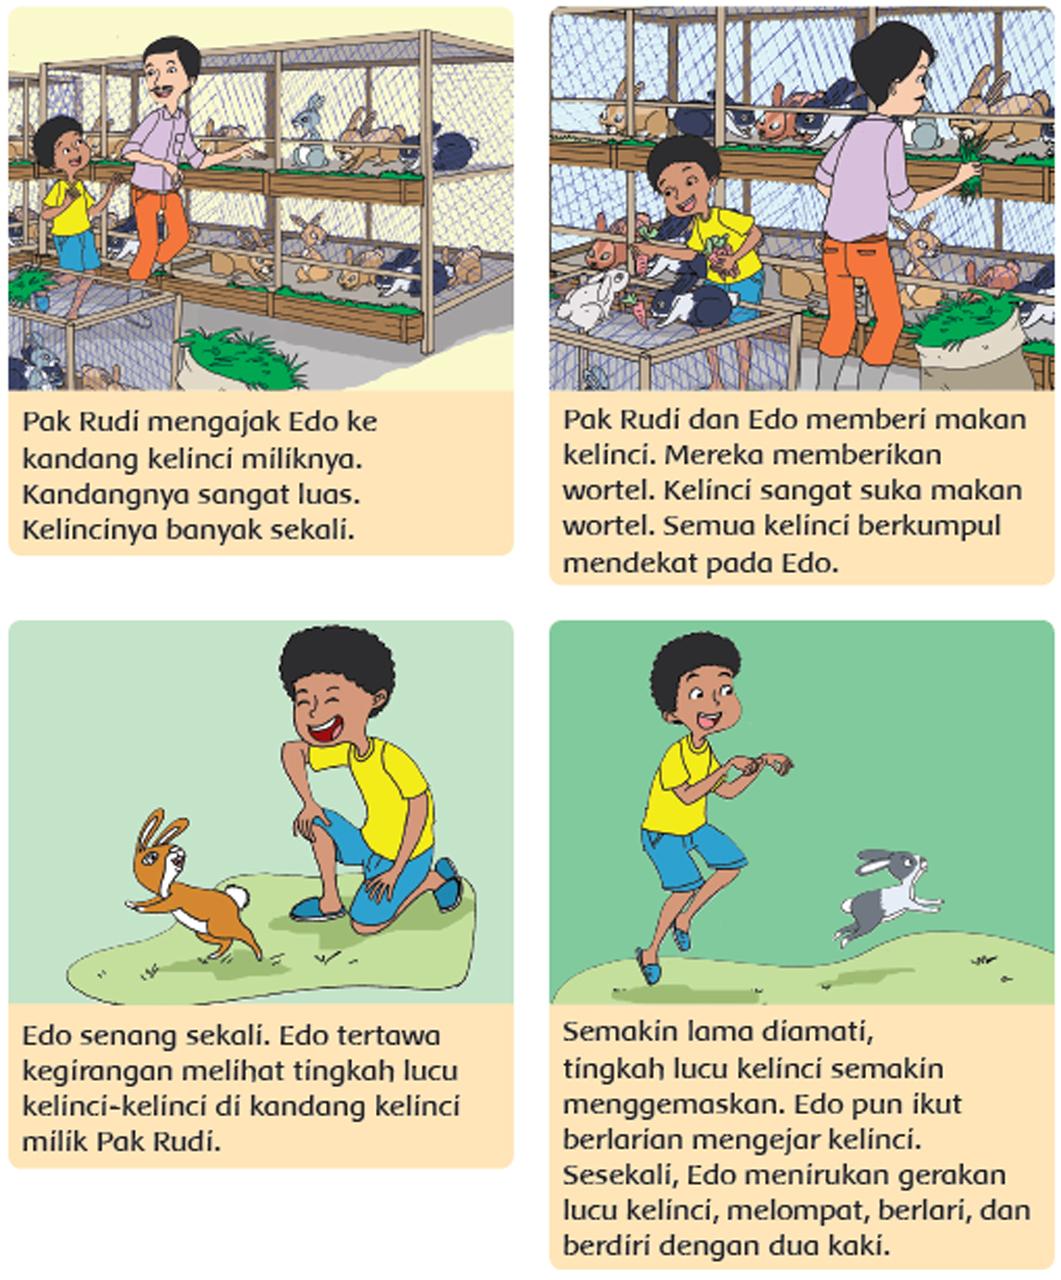 Pewarnaan Gambar Ilustrasi Dapat Dilakukan Sesuai : pewarnaan, gambar, ilustrasi, dapat, dilakukan, sesuai, Kunci, Jawaban, Kelas, Pembelajaran, Contoh